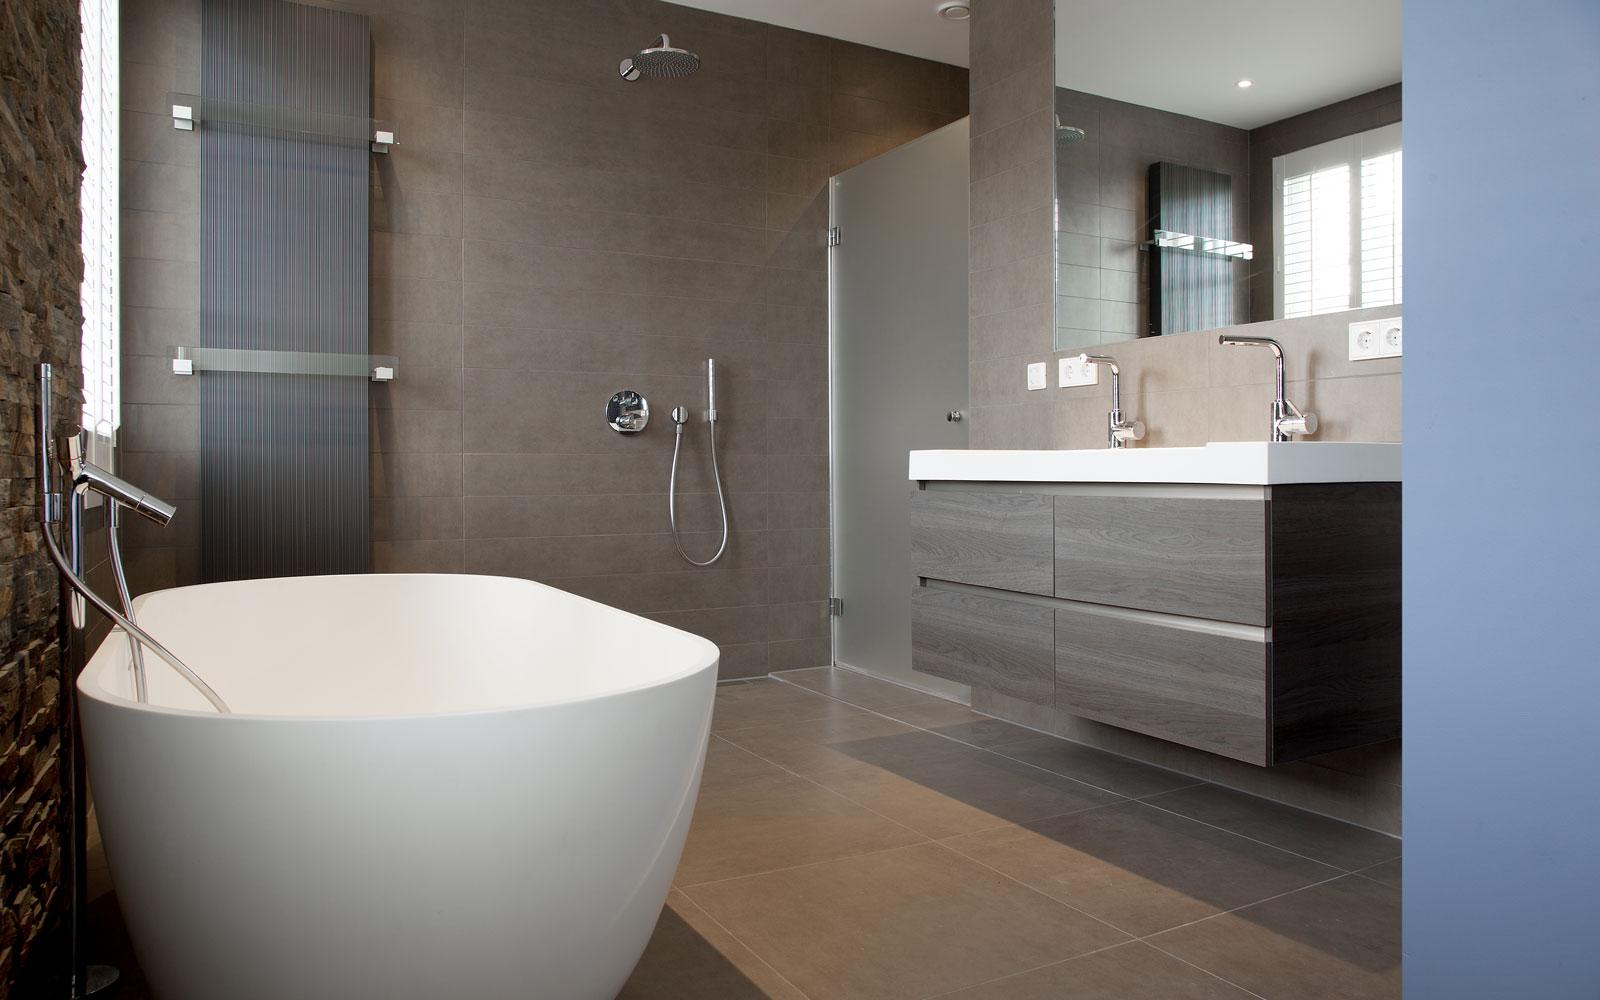 Badkamer, inloopdouche, vrijstaand bad, wastafel, neutrale kleuren, verrassende renovatie, Denoldervleugels